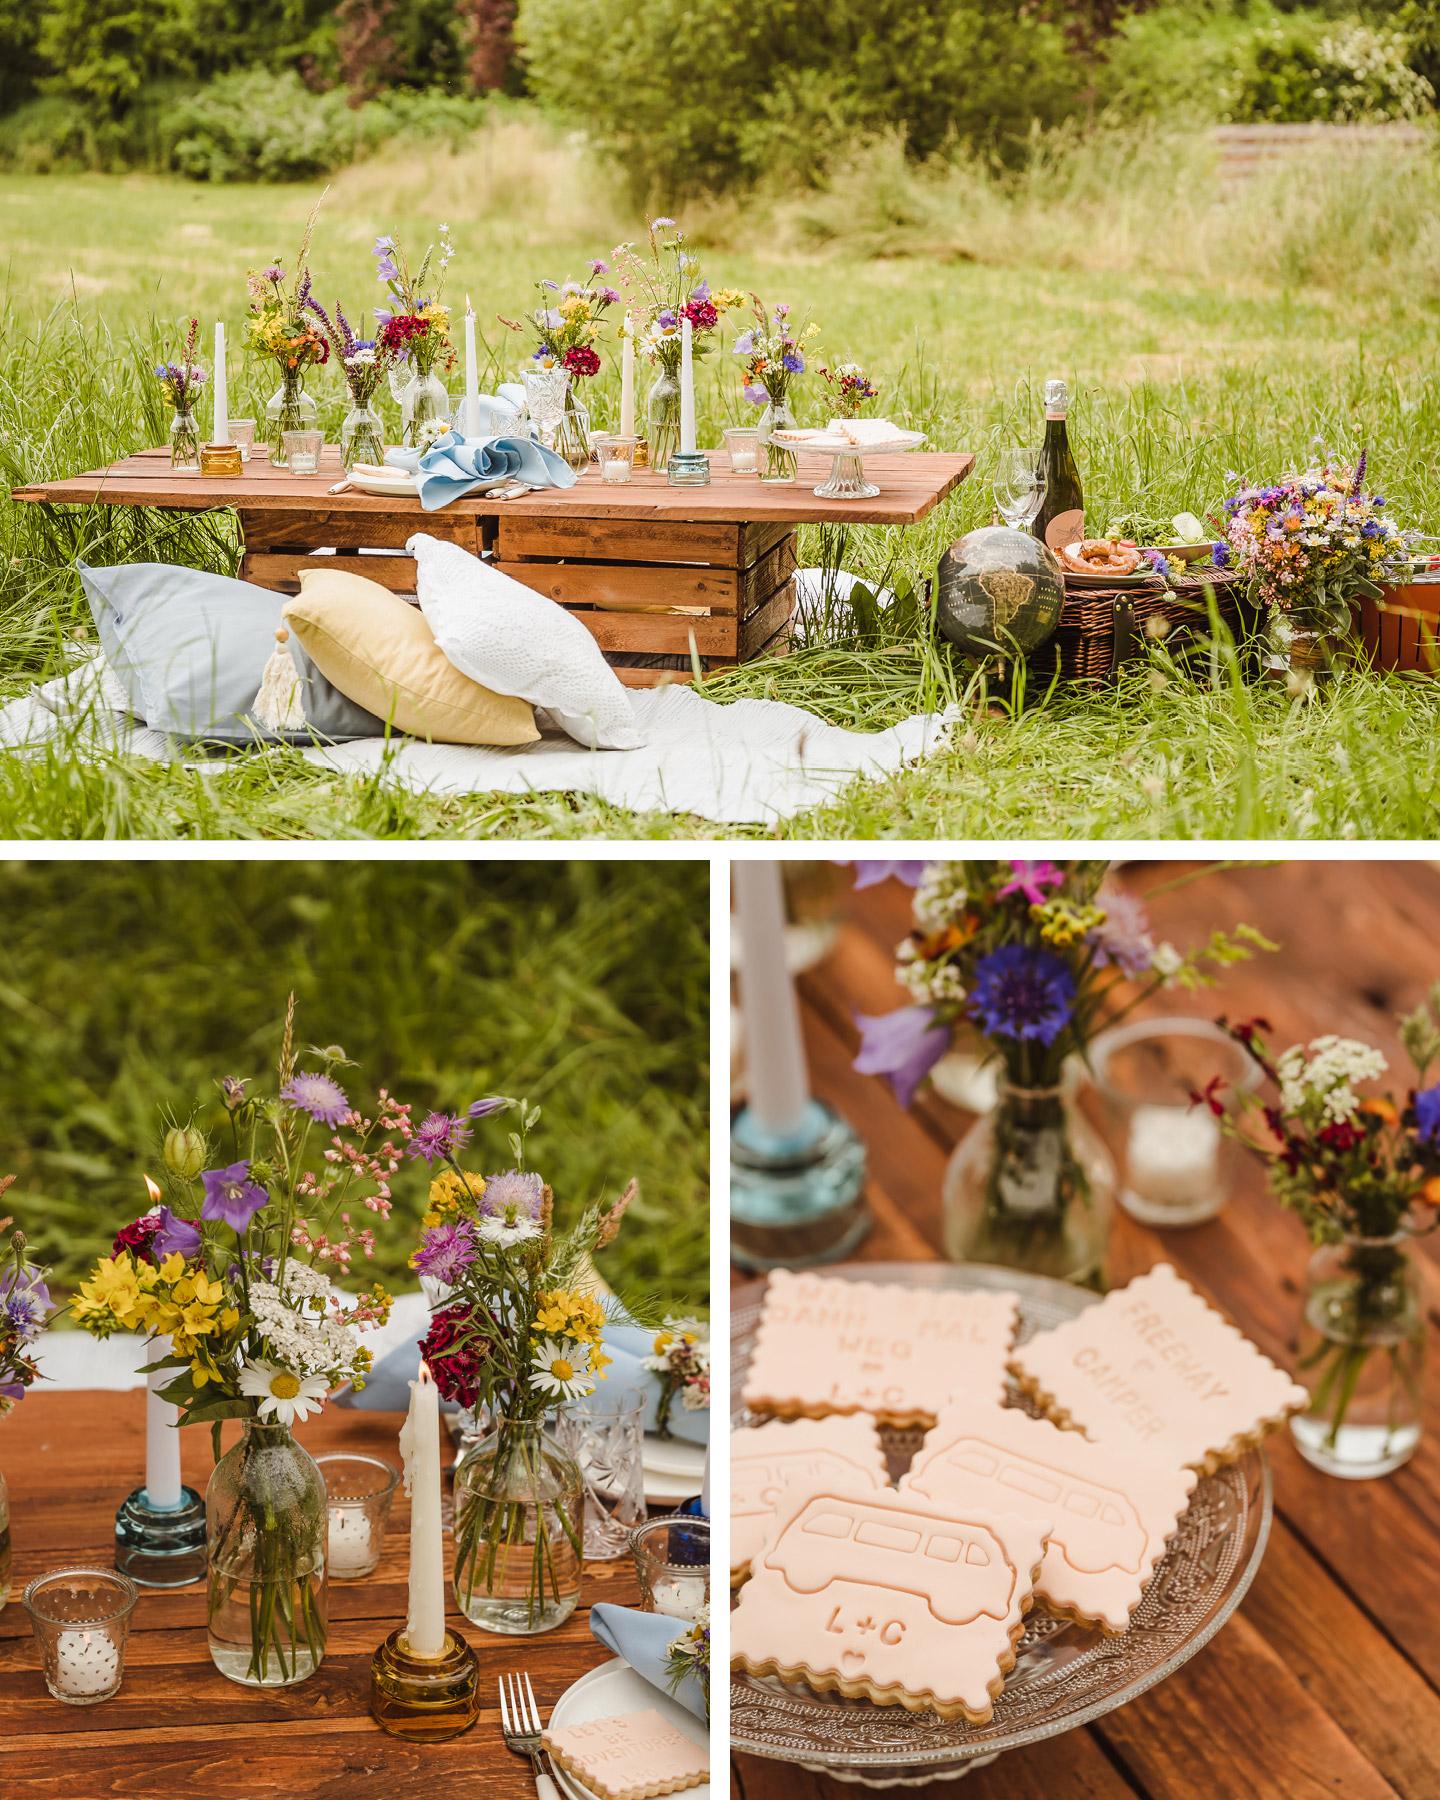 Kleine Holztisch ist auf Wieso zum Picknicken gedeckt und mit bunten Blumen zur Camper Hochzeit dekoriert.